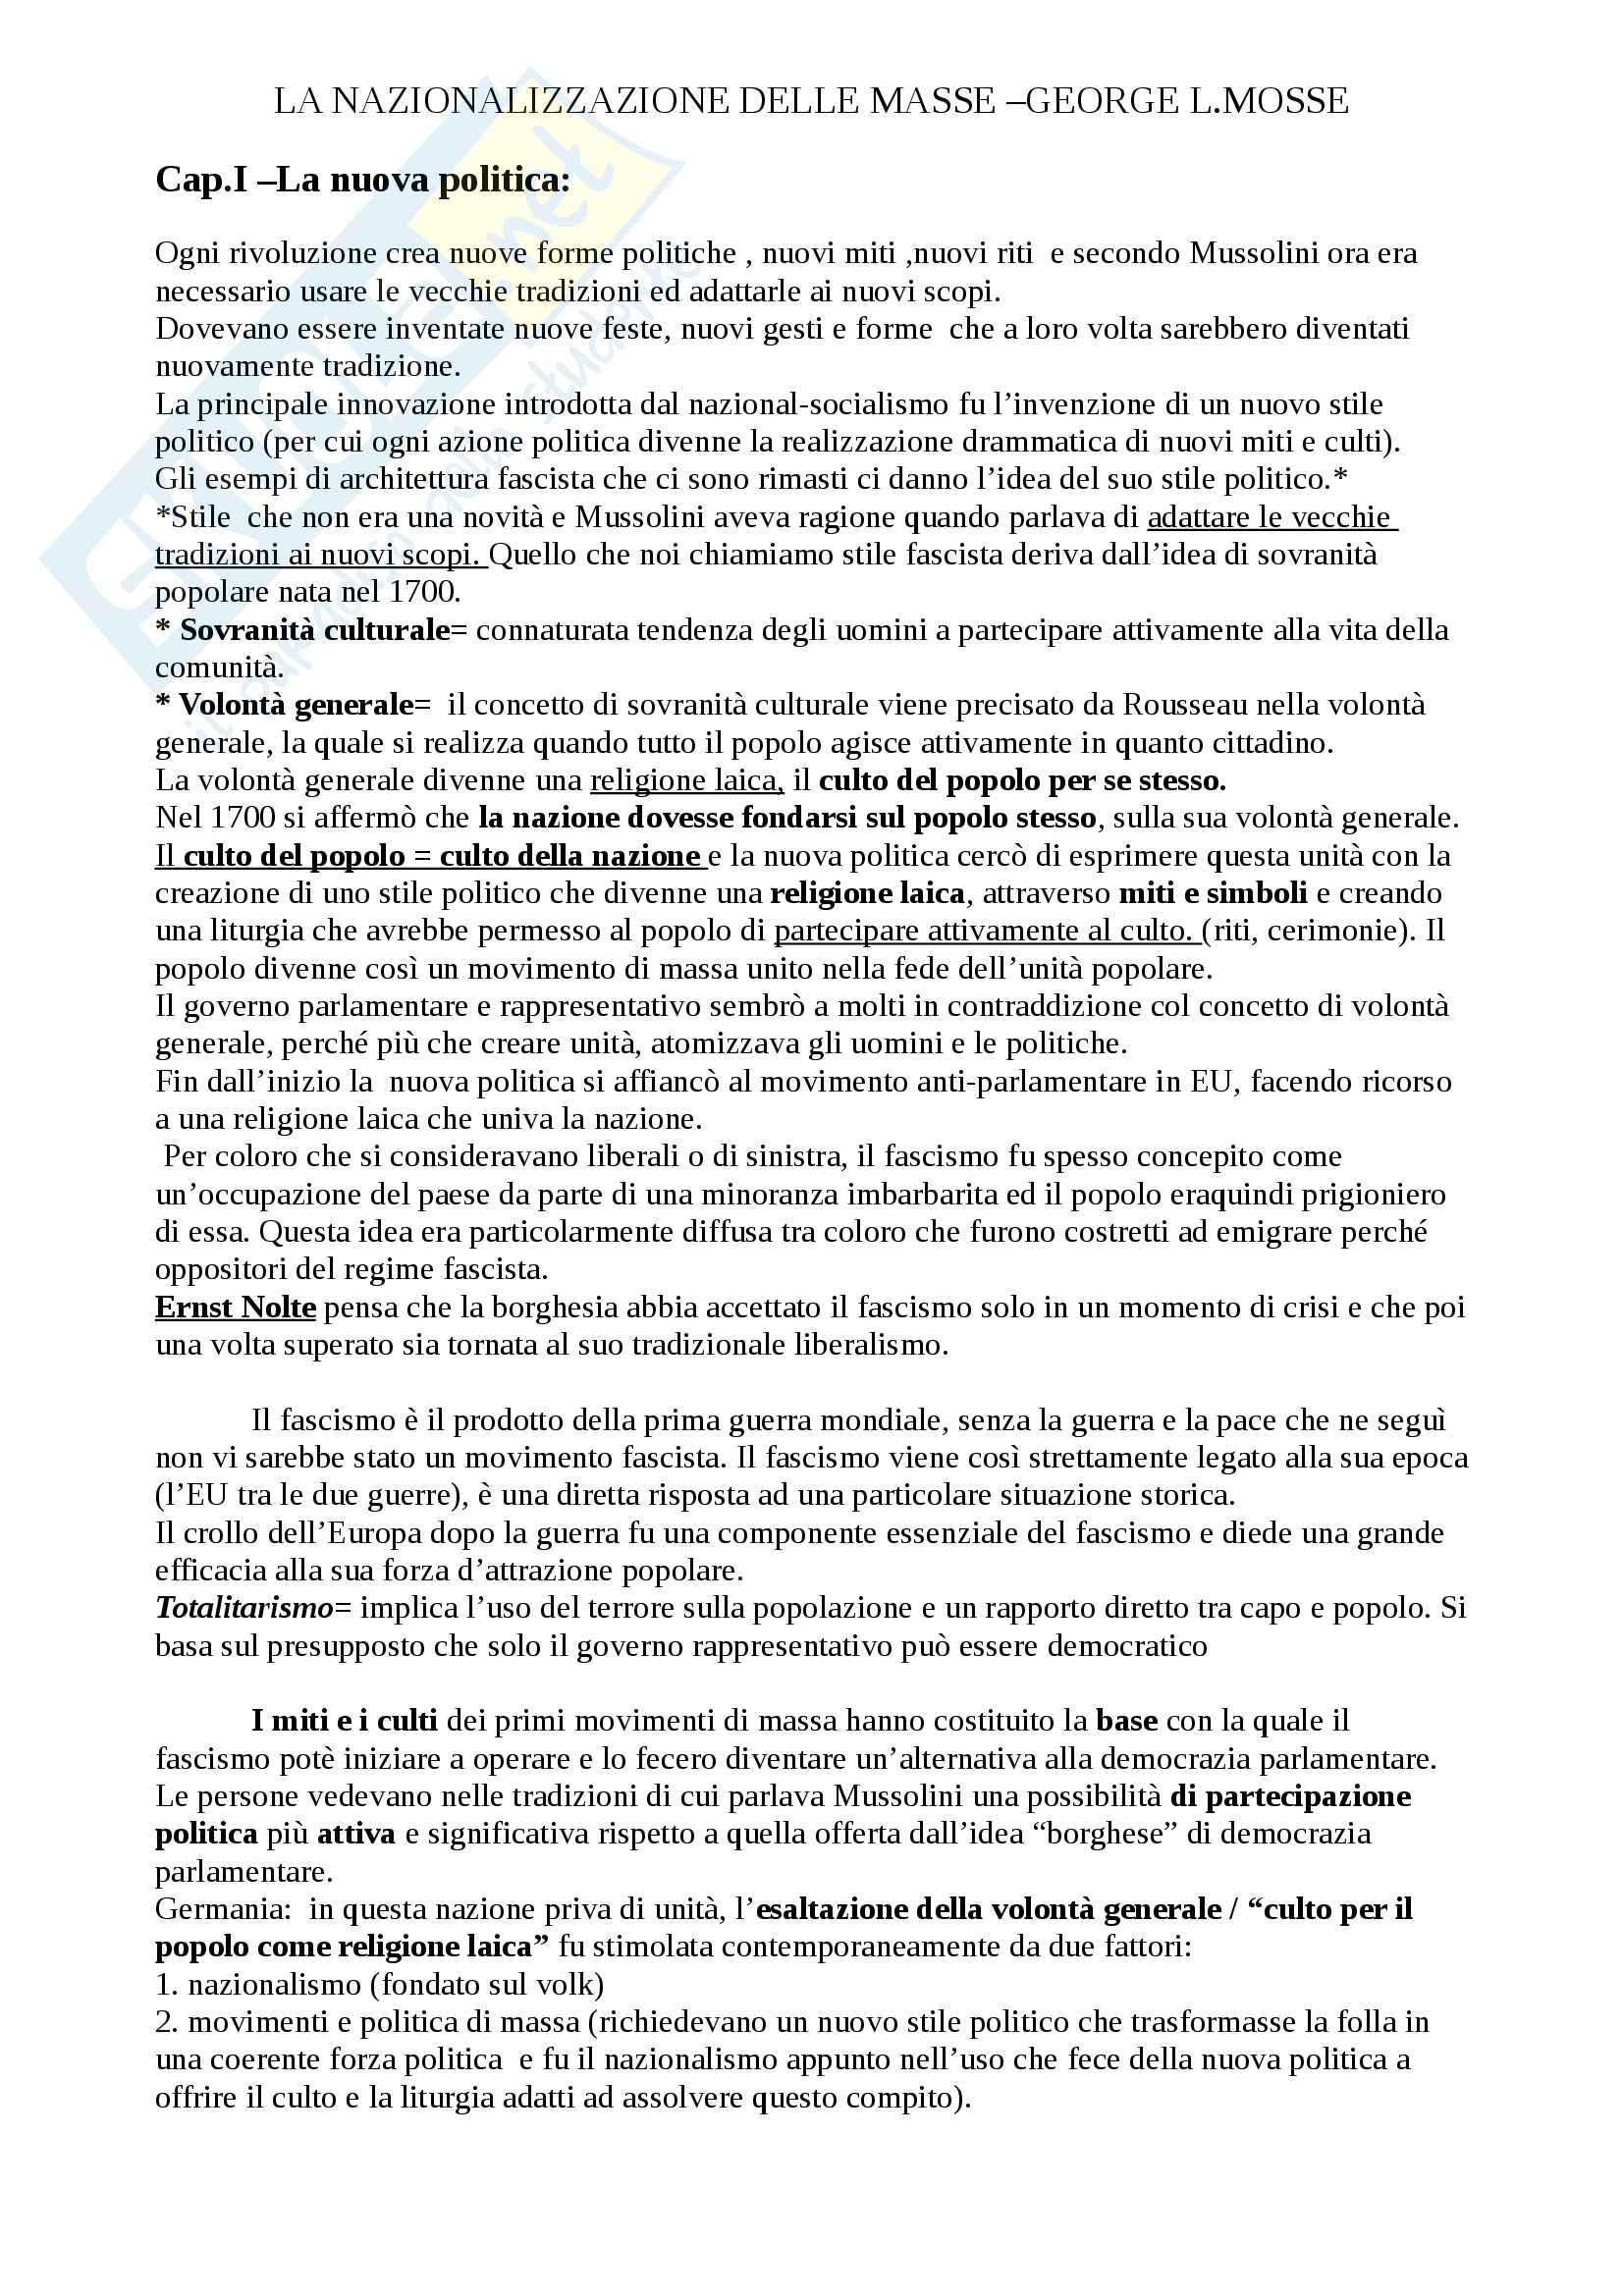 """Riassunto esame Storia contemporanea, prof. Soldani, libro consigliato """"La nazionalizzazione delle masse"""",  George L. Mosse"""